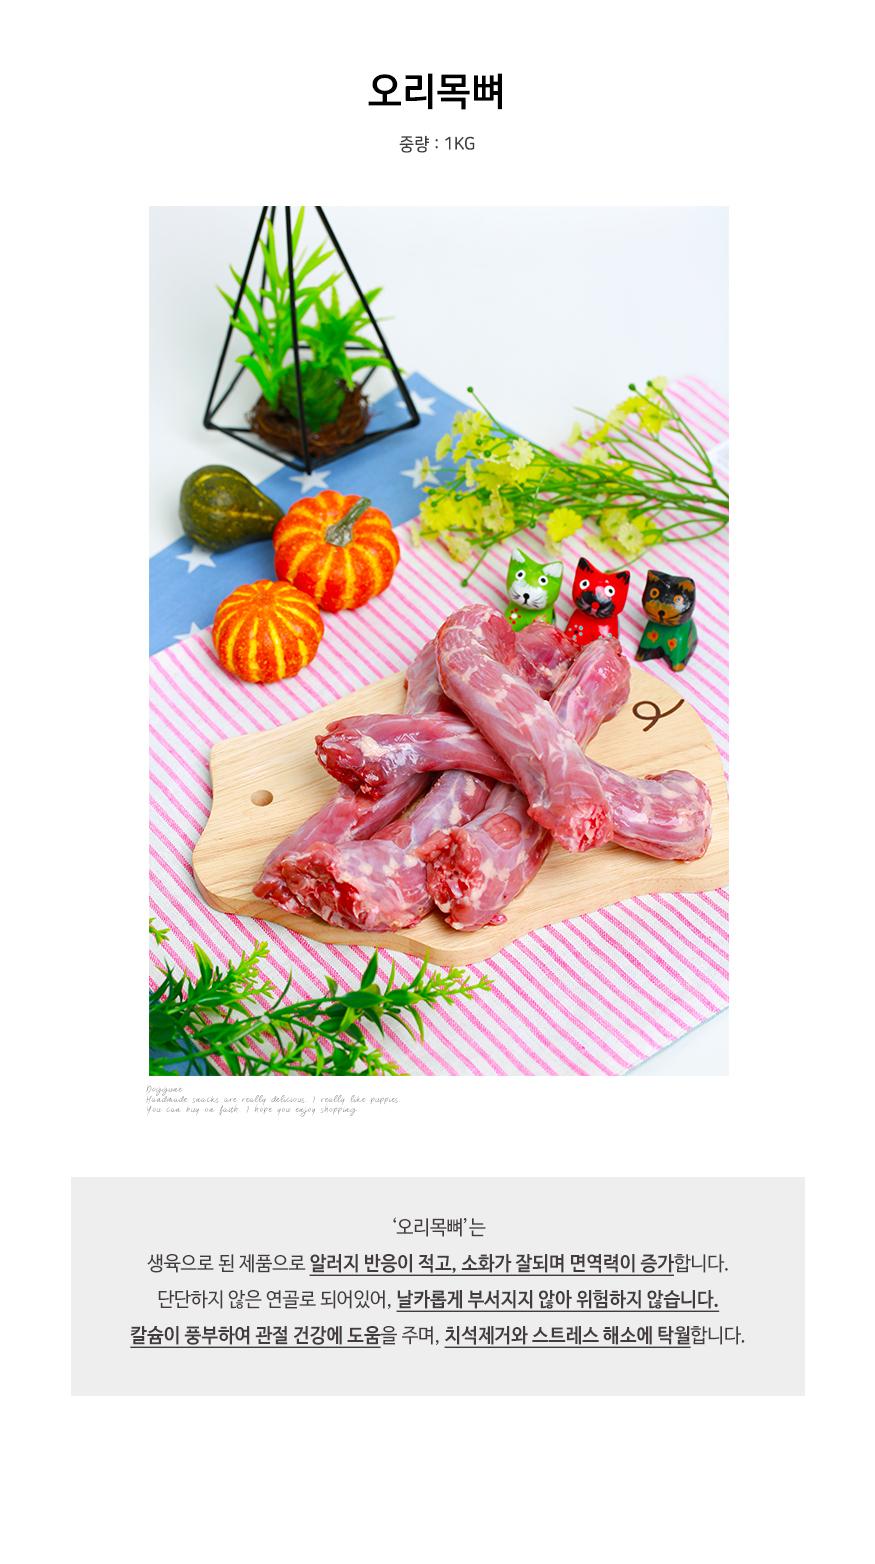 도꾸네 애견생식 수제간식 재료 오리목뼈 1kg 생육2,500원-웰스펫샵, 강아지용품, 간식/영양제, 수제간식바보사랑도꾸네 애견생식 수제간식 재료 오리목뼈 1kg 생육2,500원-웰스펫샵, 강아지용품, 간식/영양제, 수제간식바보사랑